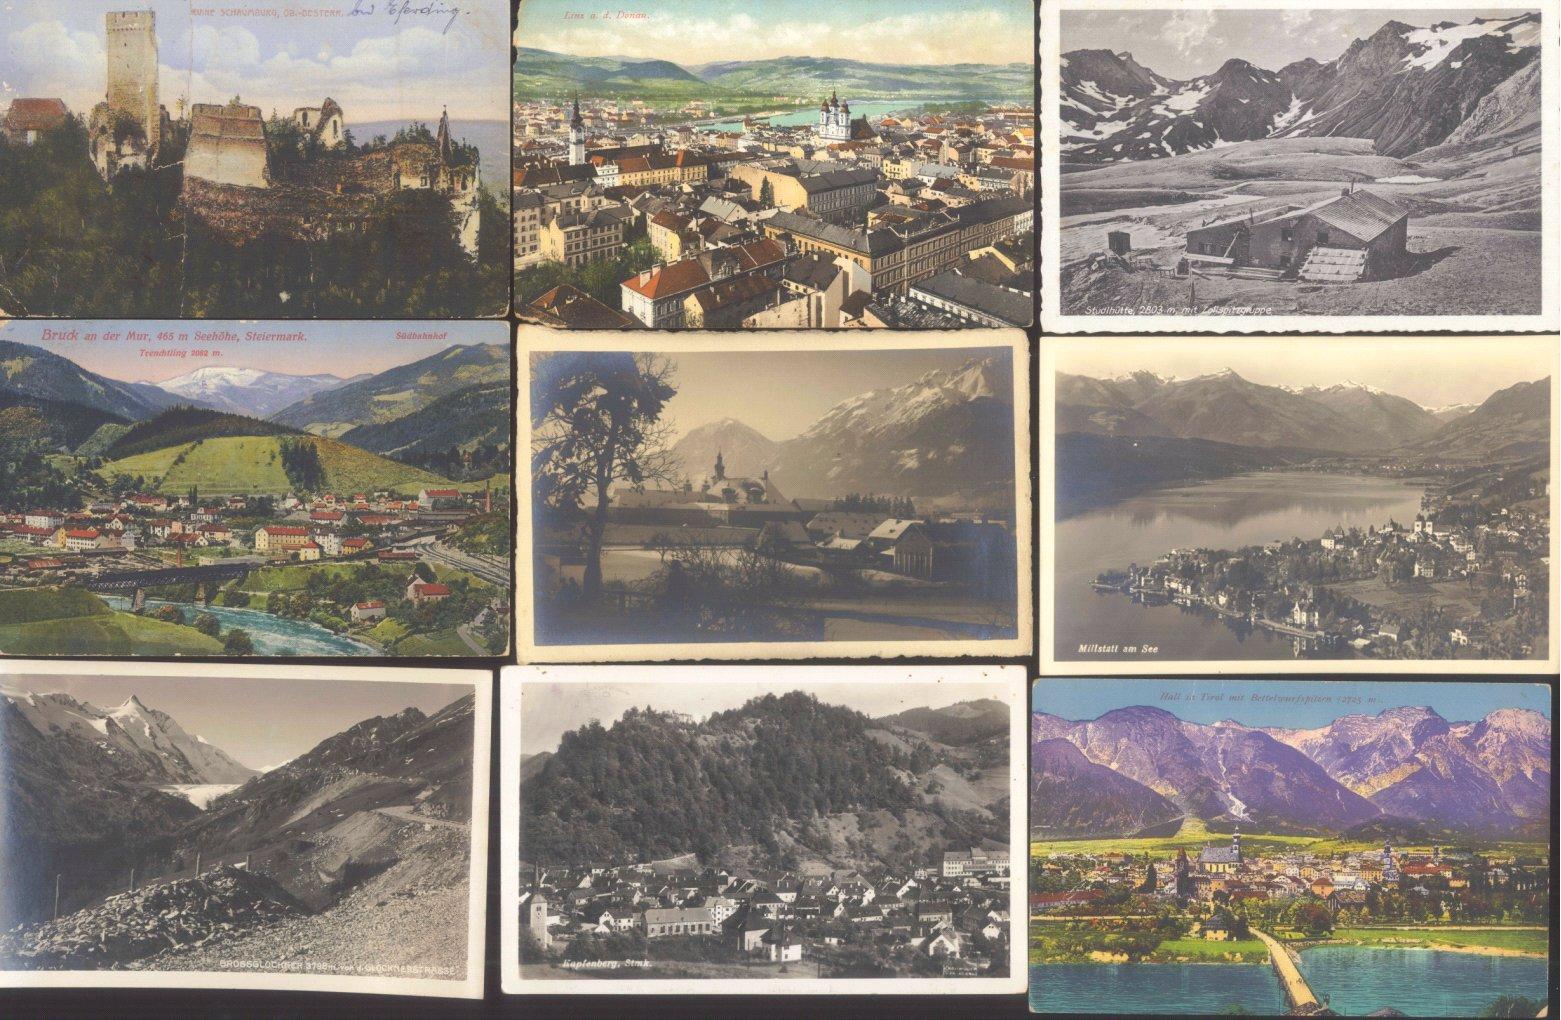 ÖSTERREICH Ansichtskarten Topographie 1902-1942-3